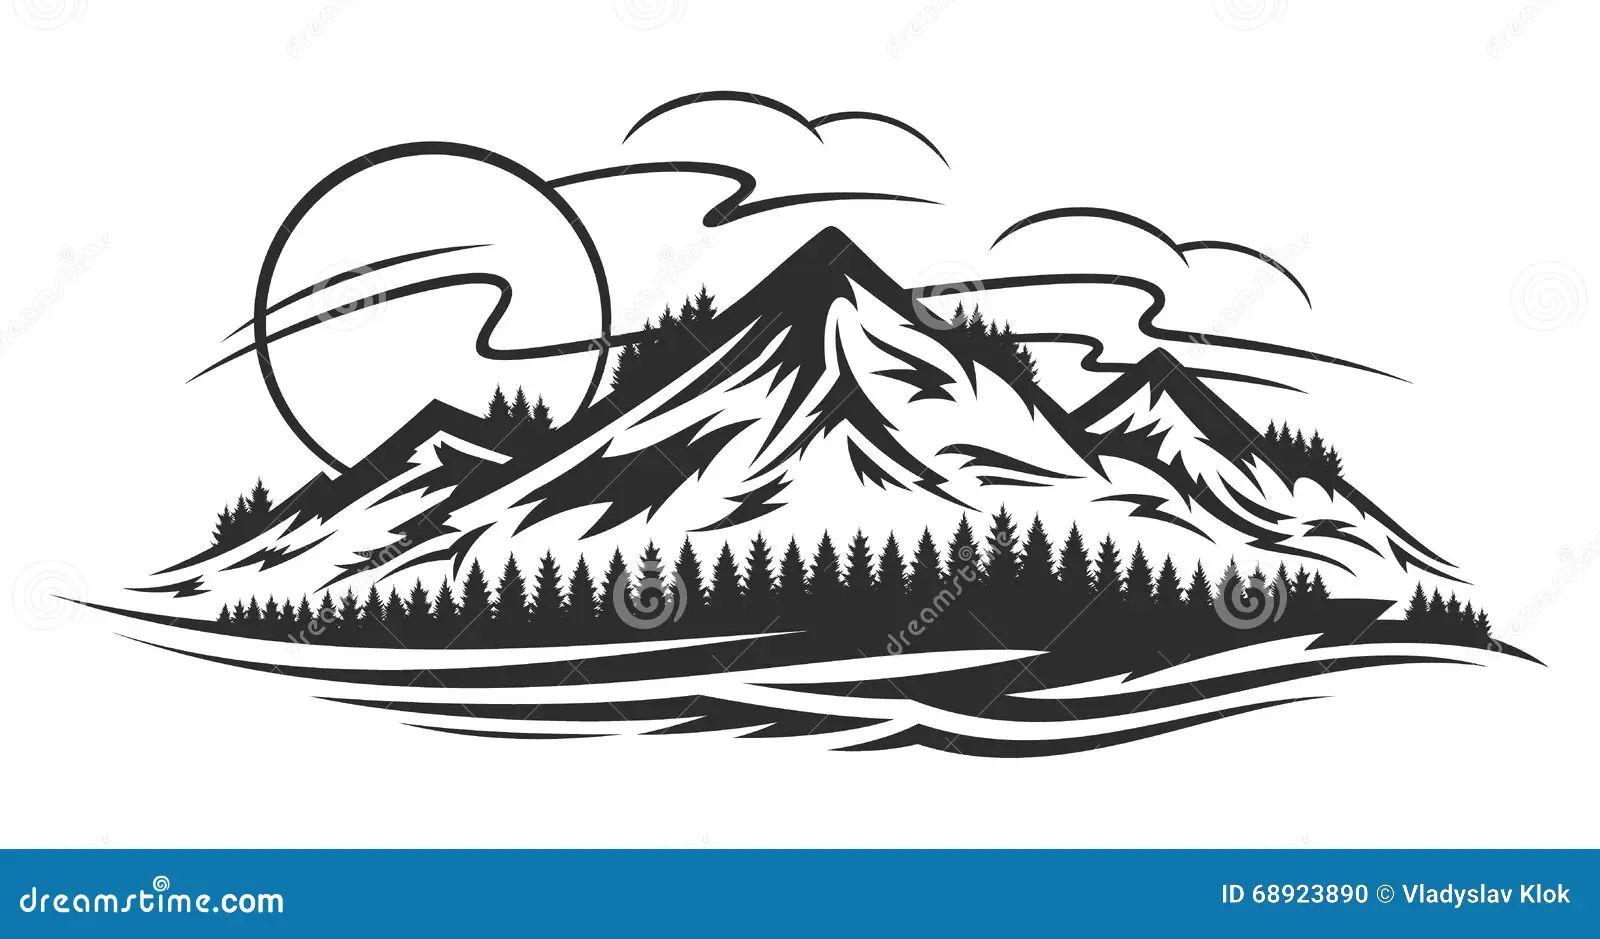 19 landscape design